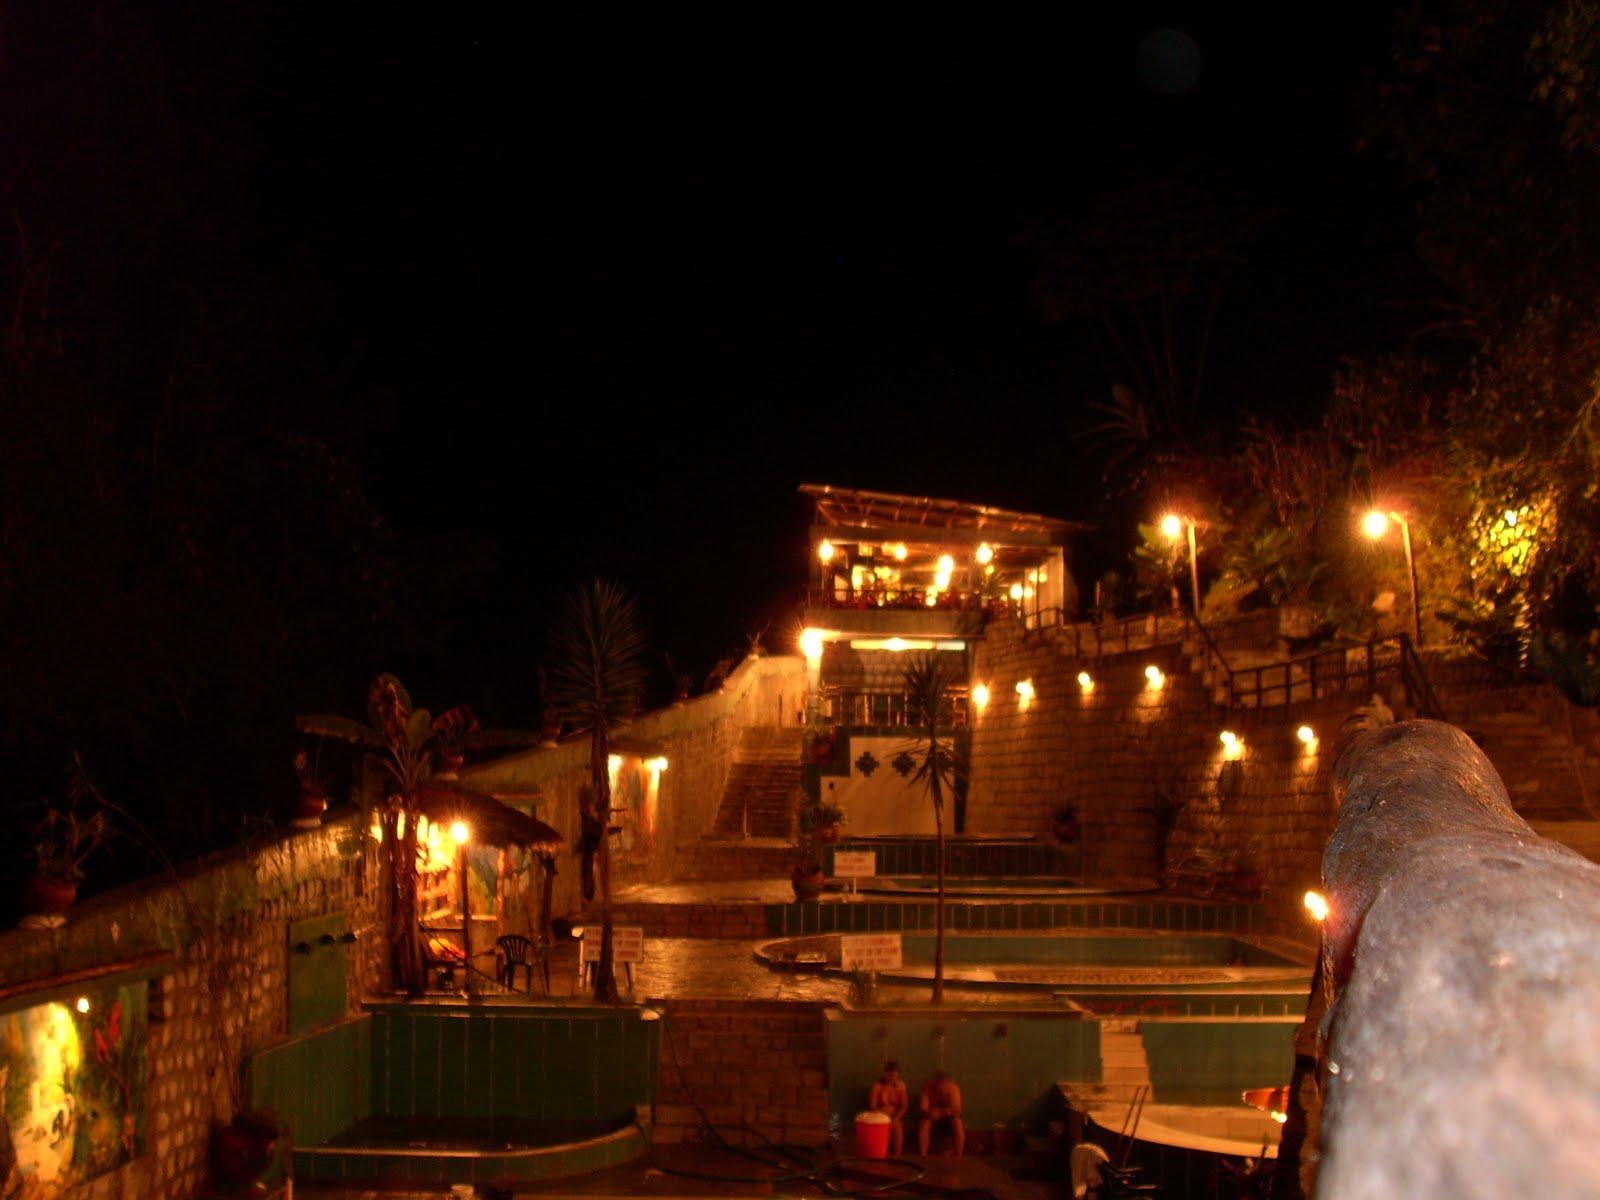 Vista nocturna de los Baños Termales en Aguas Calientes